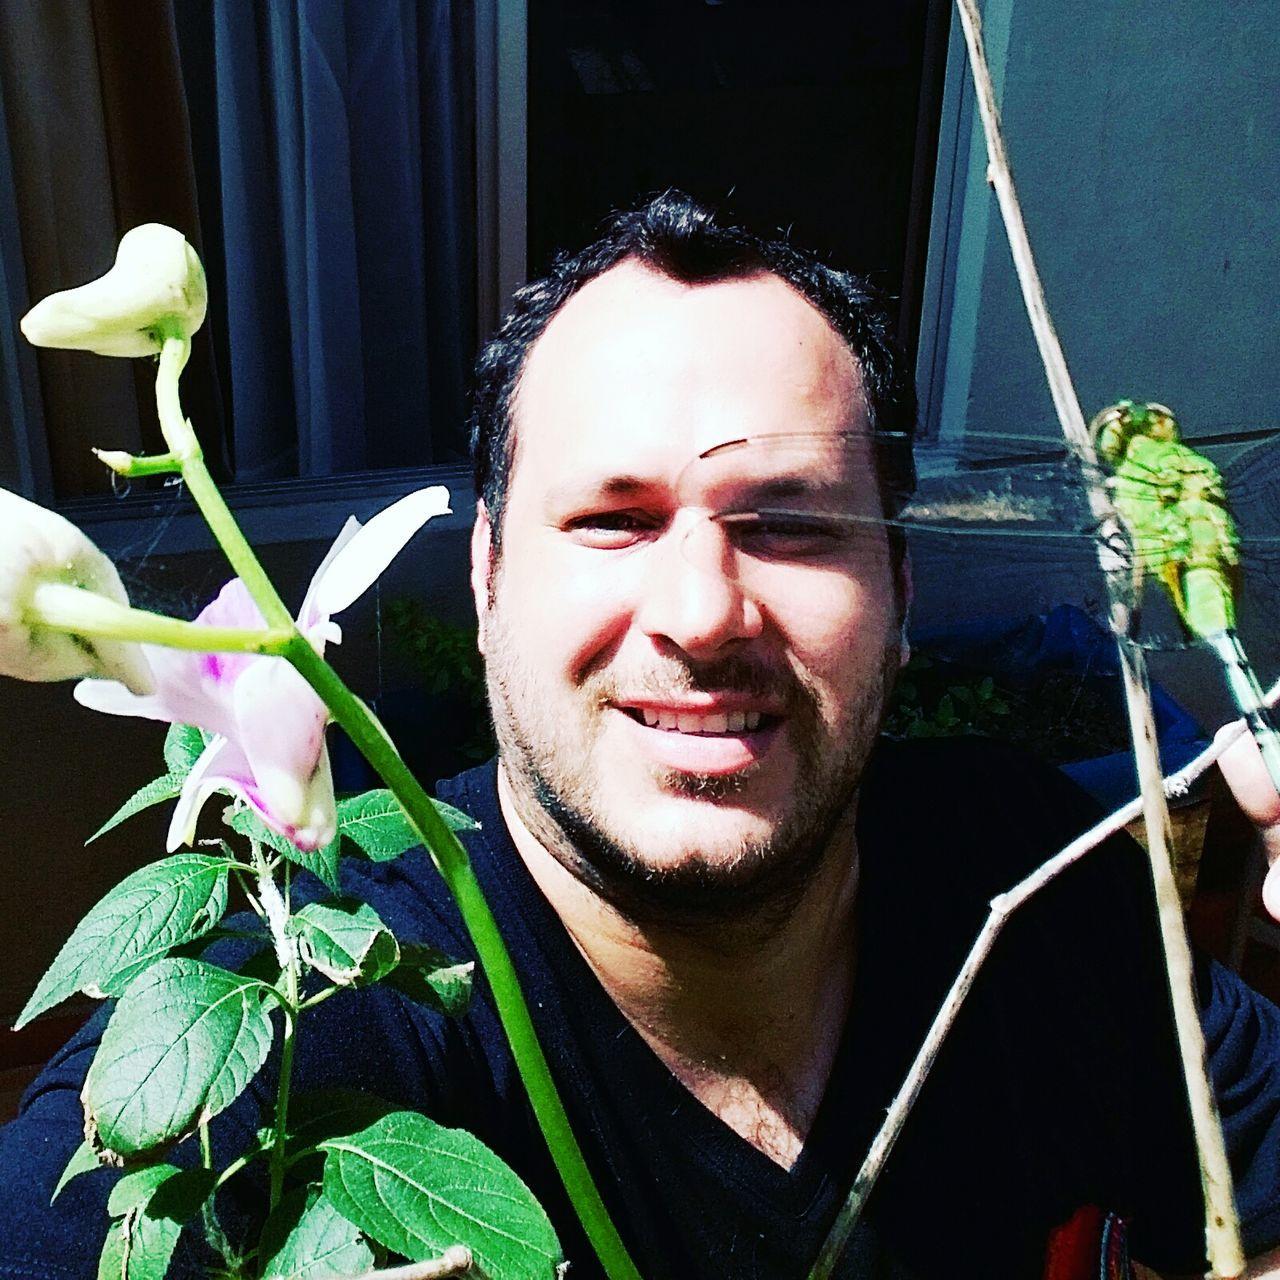 @guayaquil Chapulete Orquídea